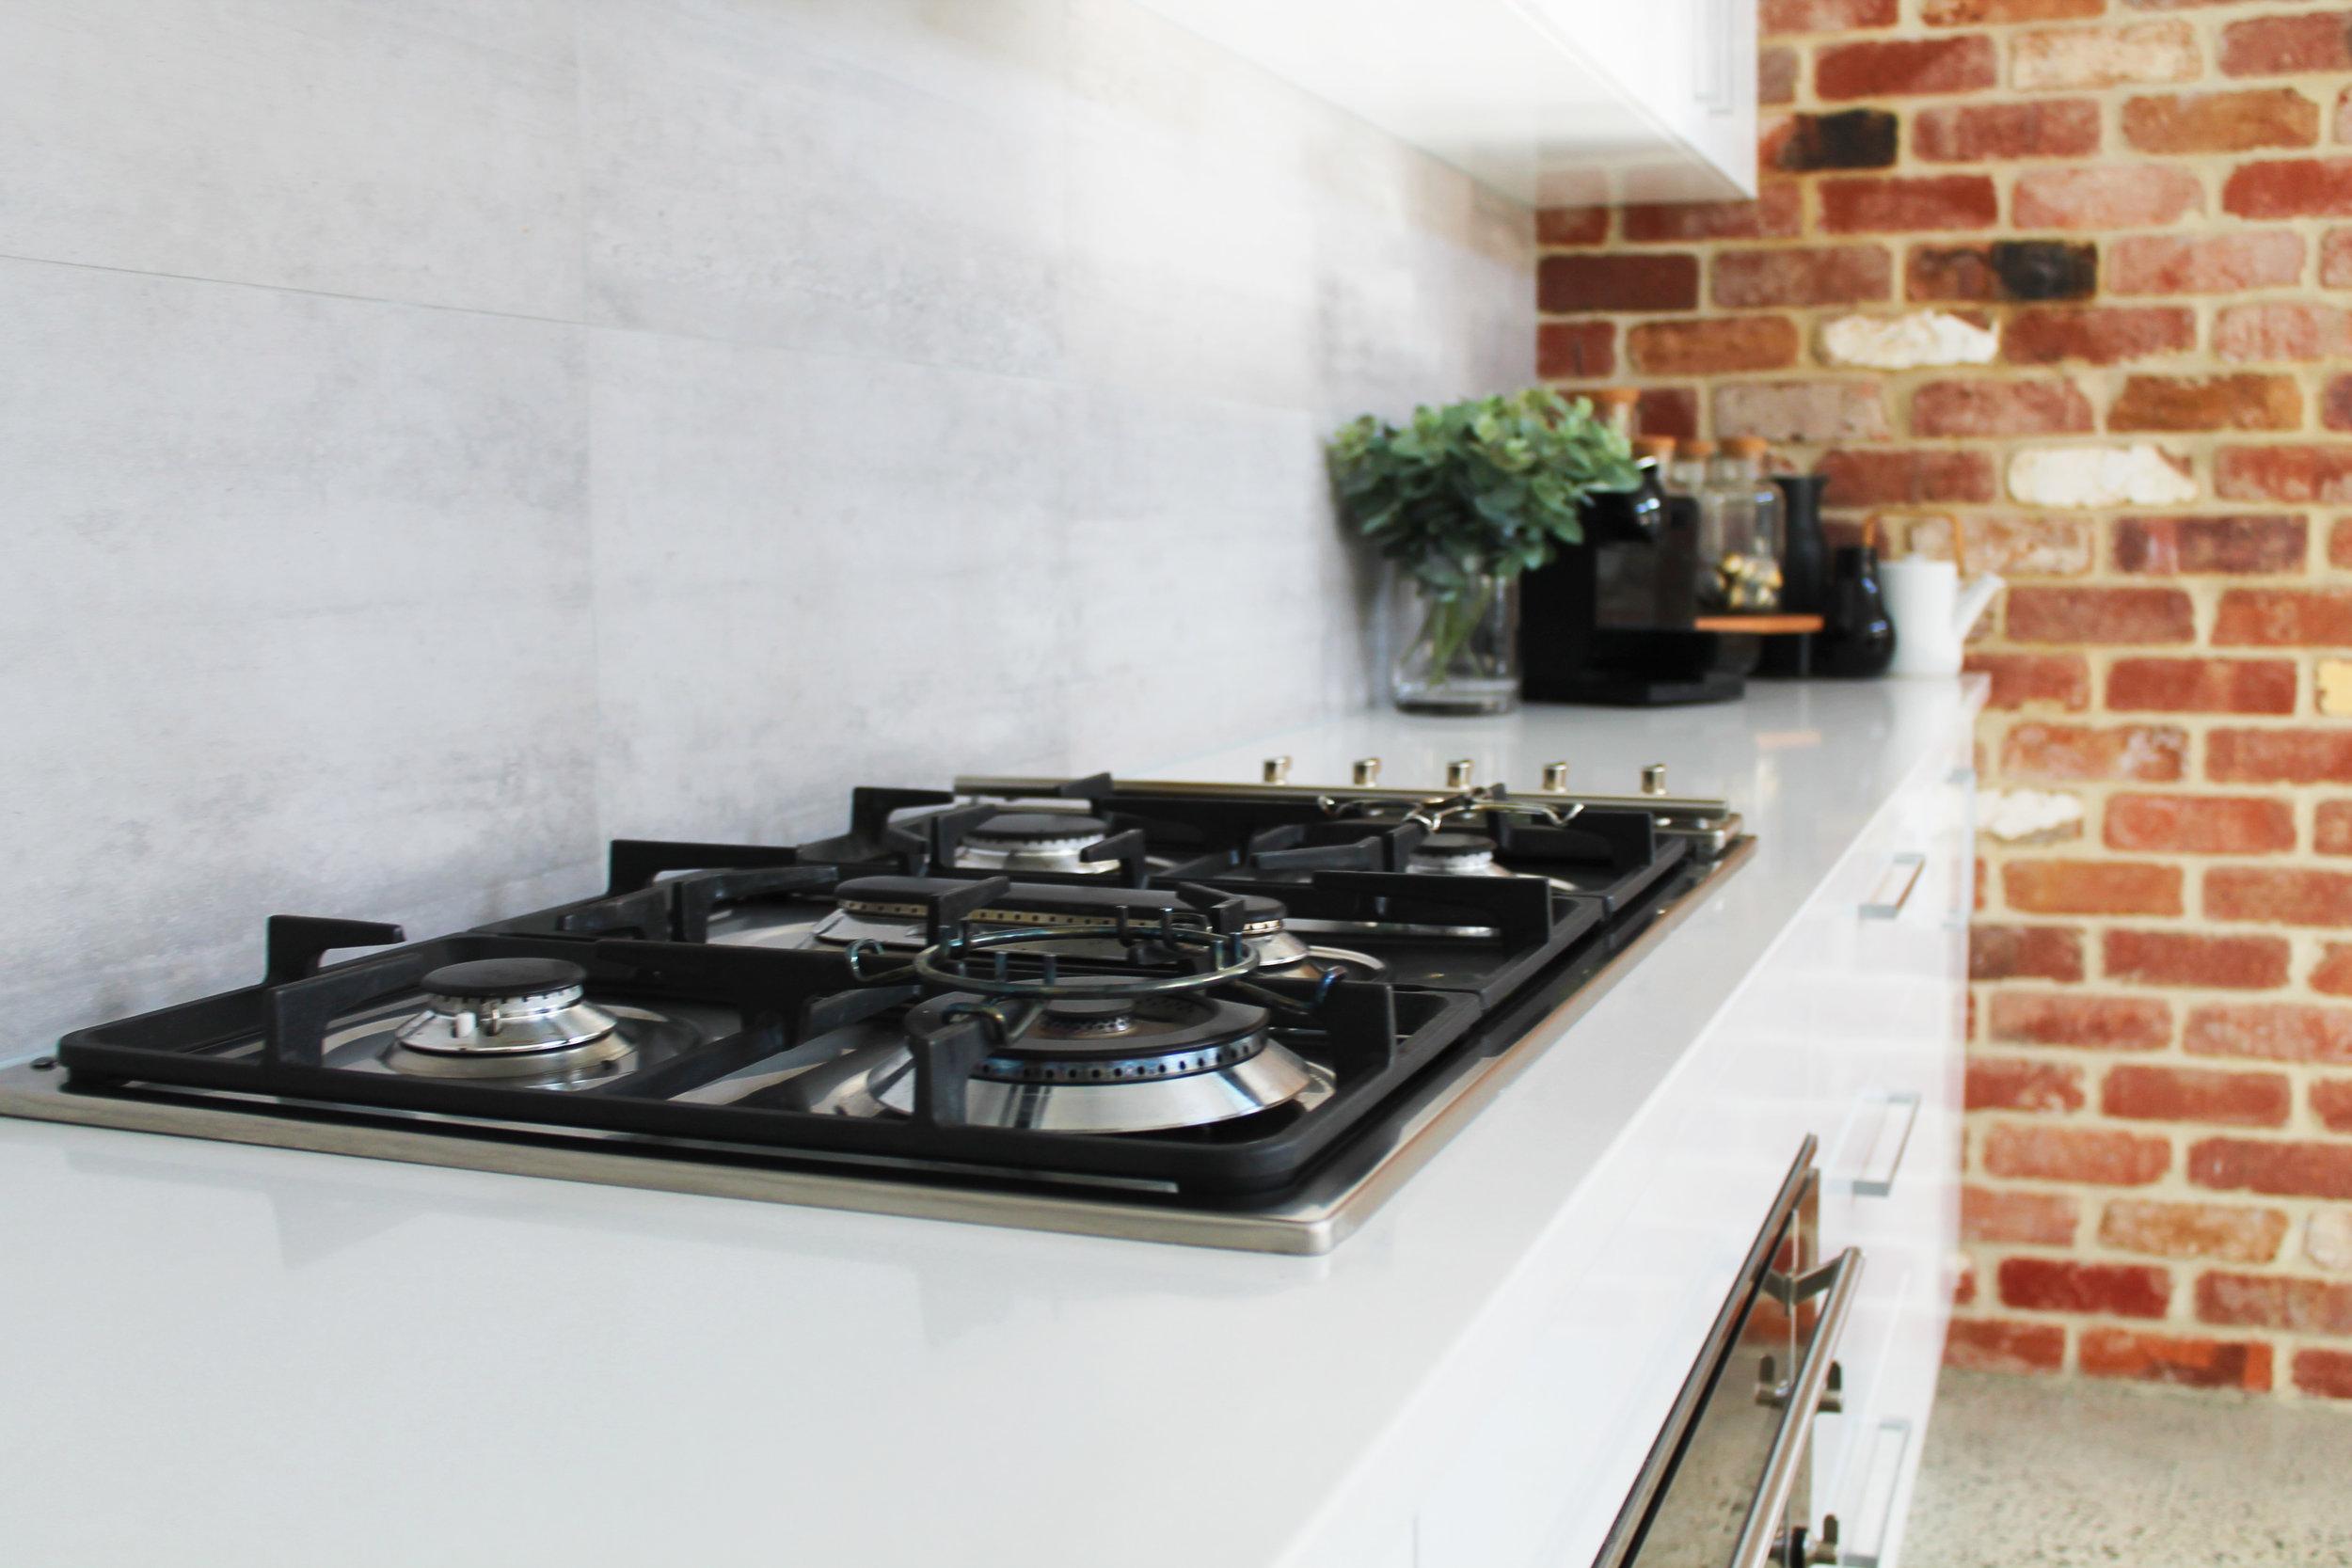 Standard Cooktop